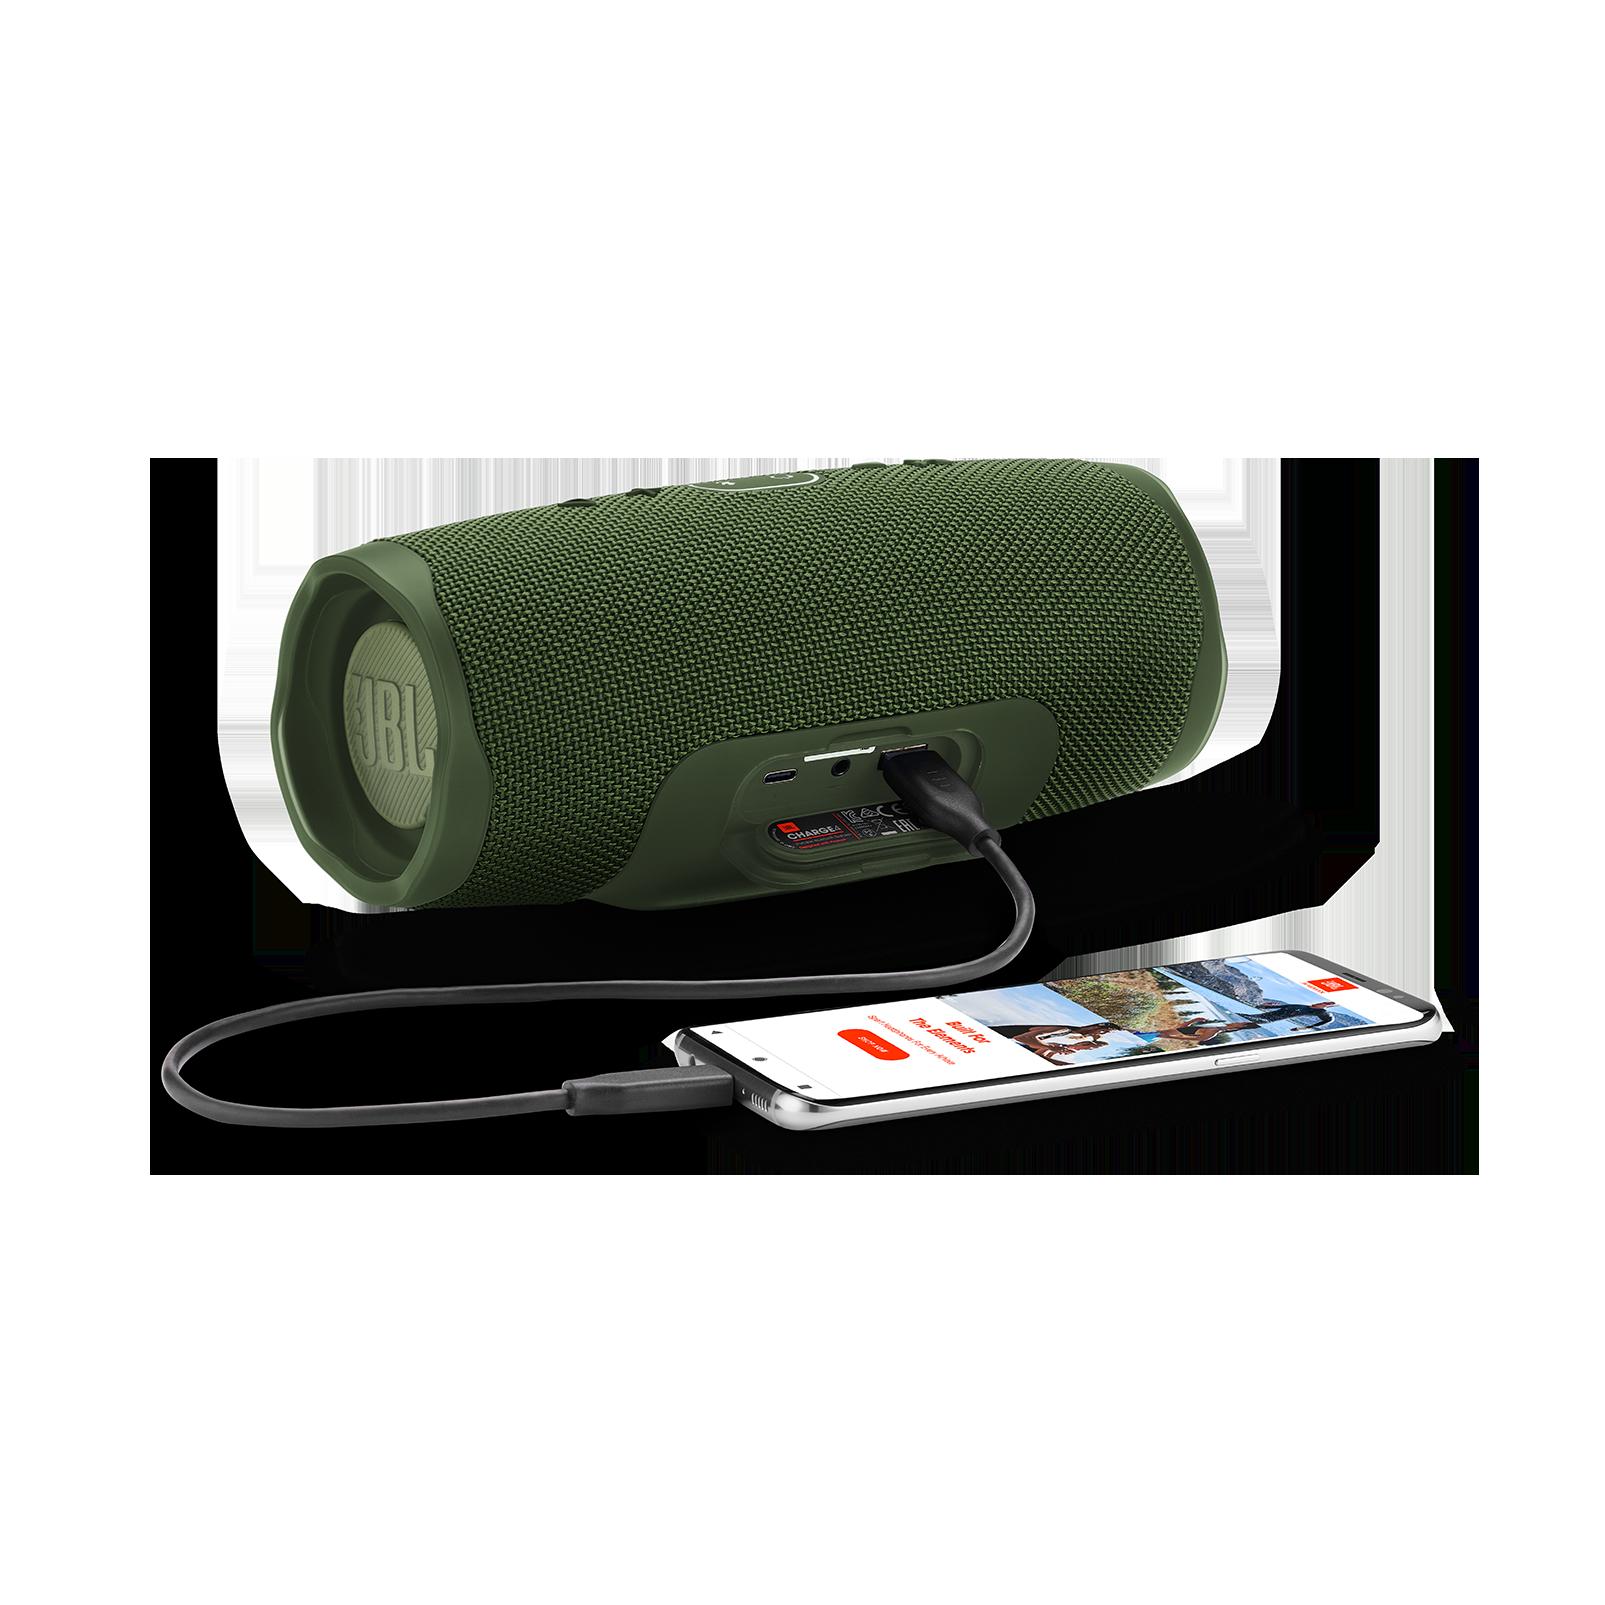 JBL Charge 4 - Forest Green - Portable Bluetooth speaker - Detailshot 4